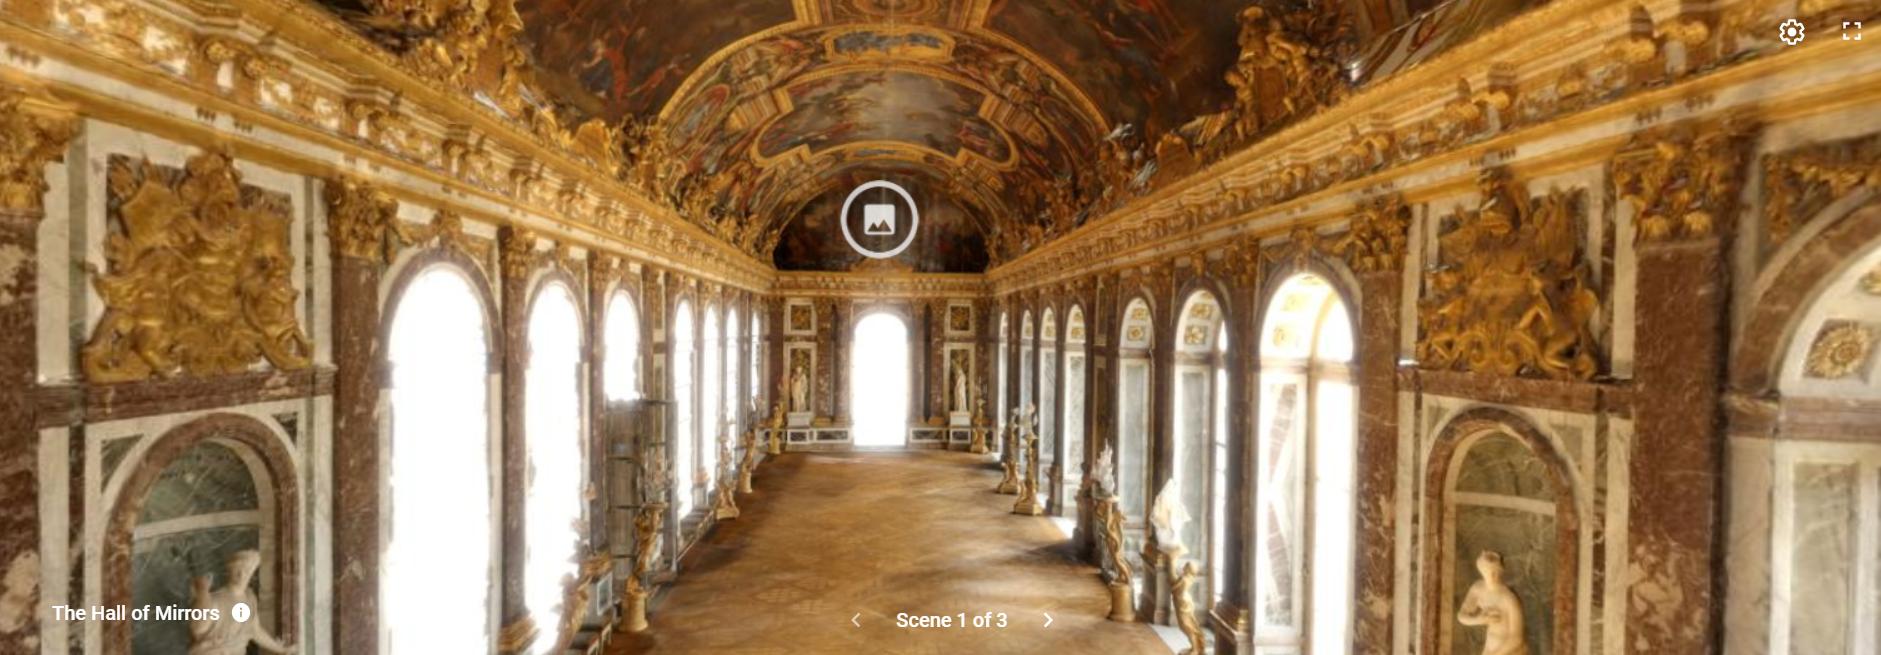 ヴェルサイユ宮殿VRツアー:スクリーンショット